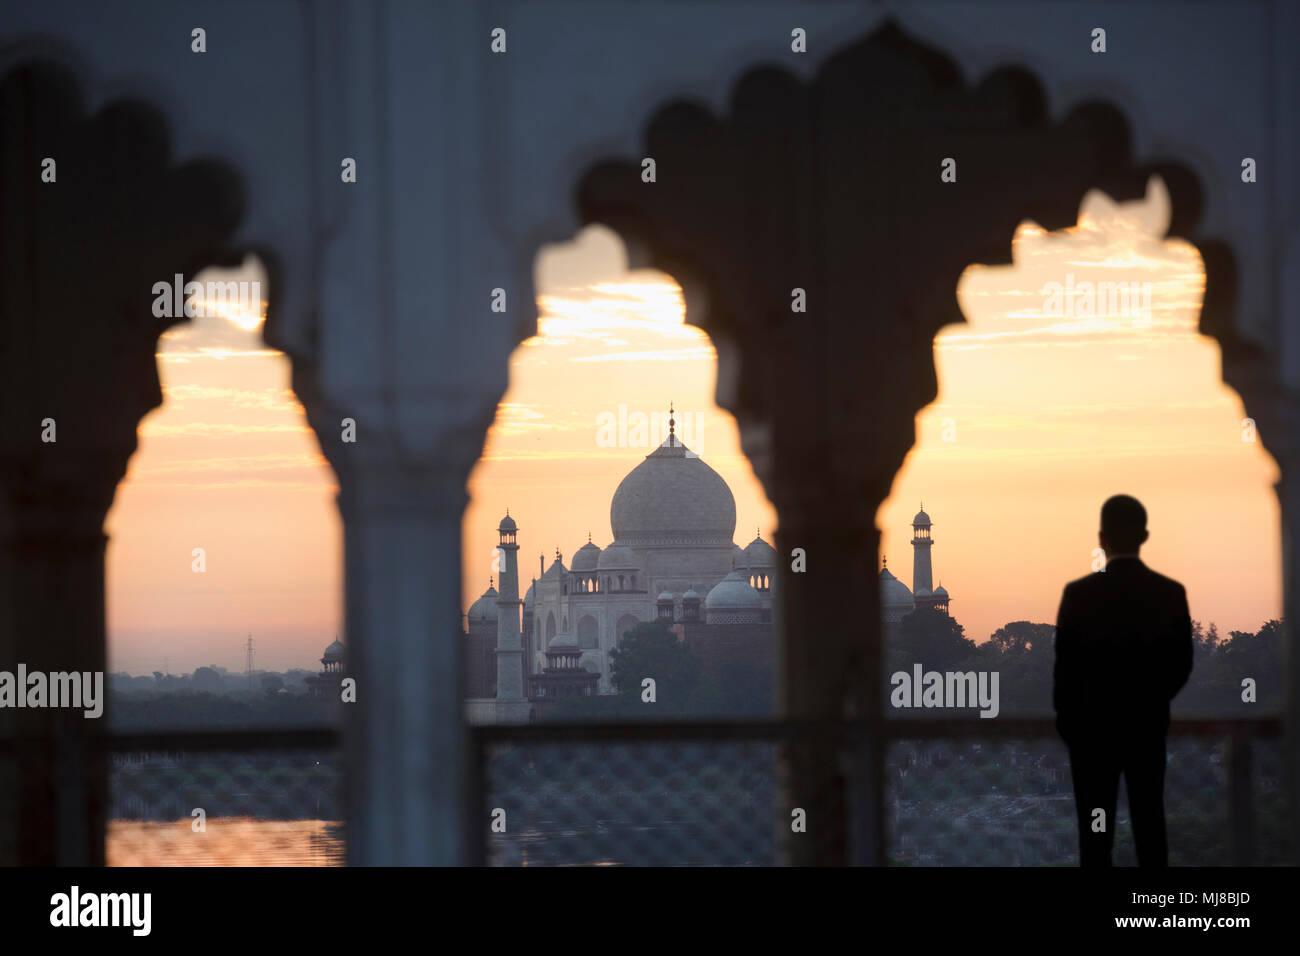 Vue arrière de l'homme debout sous arch festonné sur balcon au coucher du soleil, le Taj Mahal Palace et mausolée dans la distance. Photo Stock